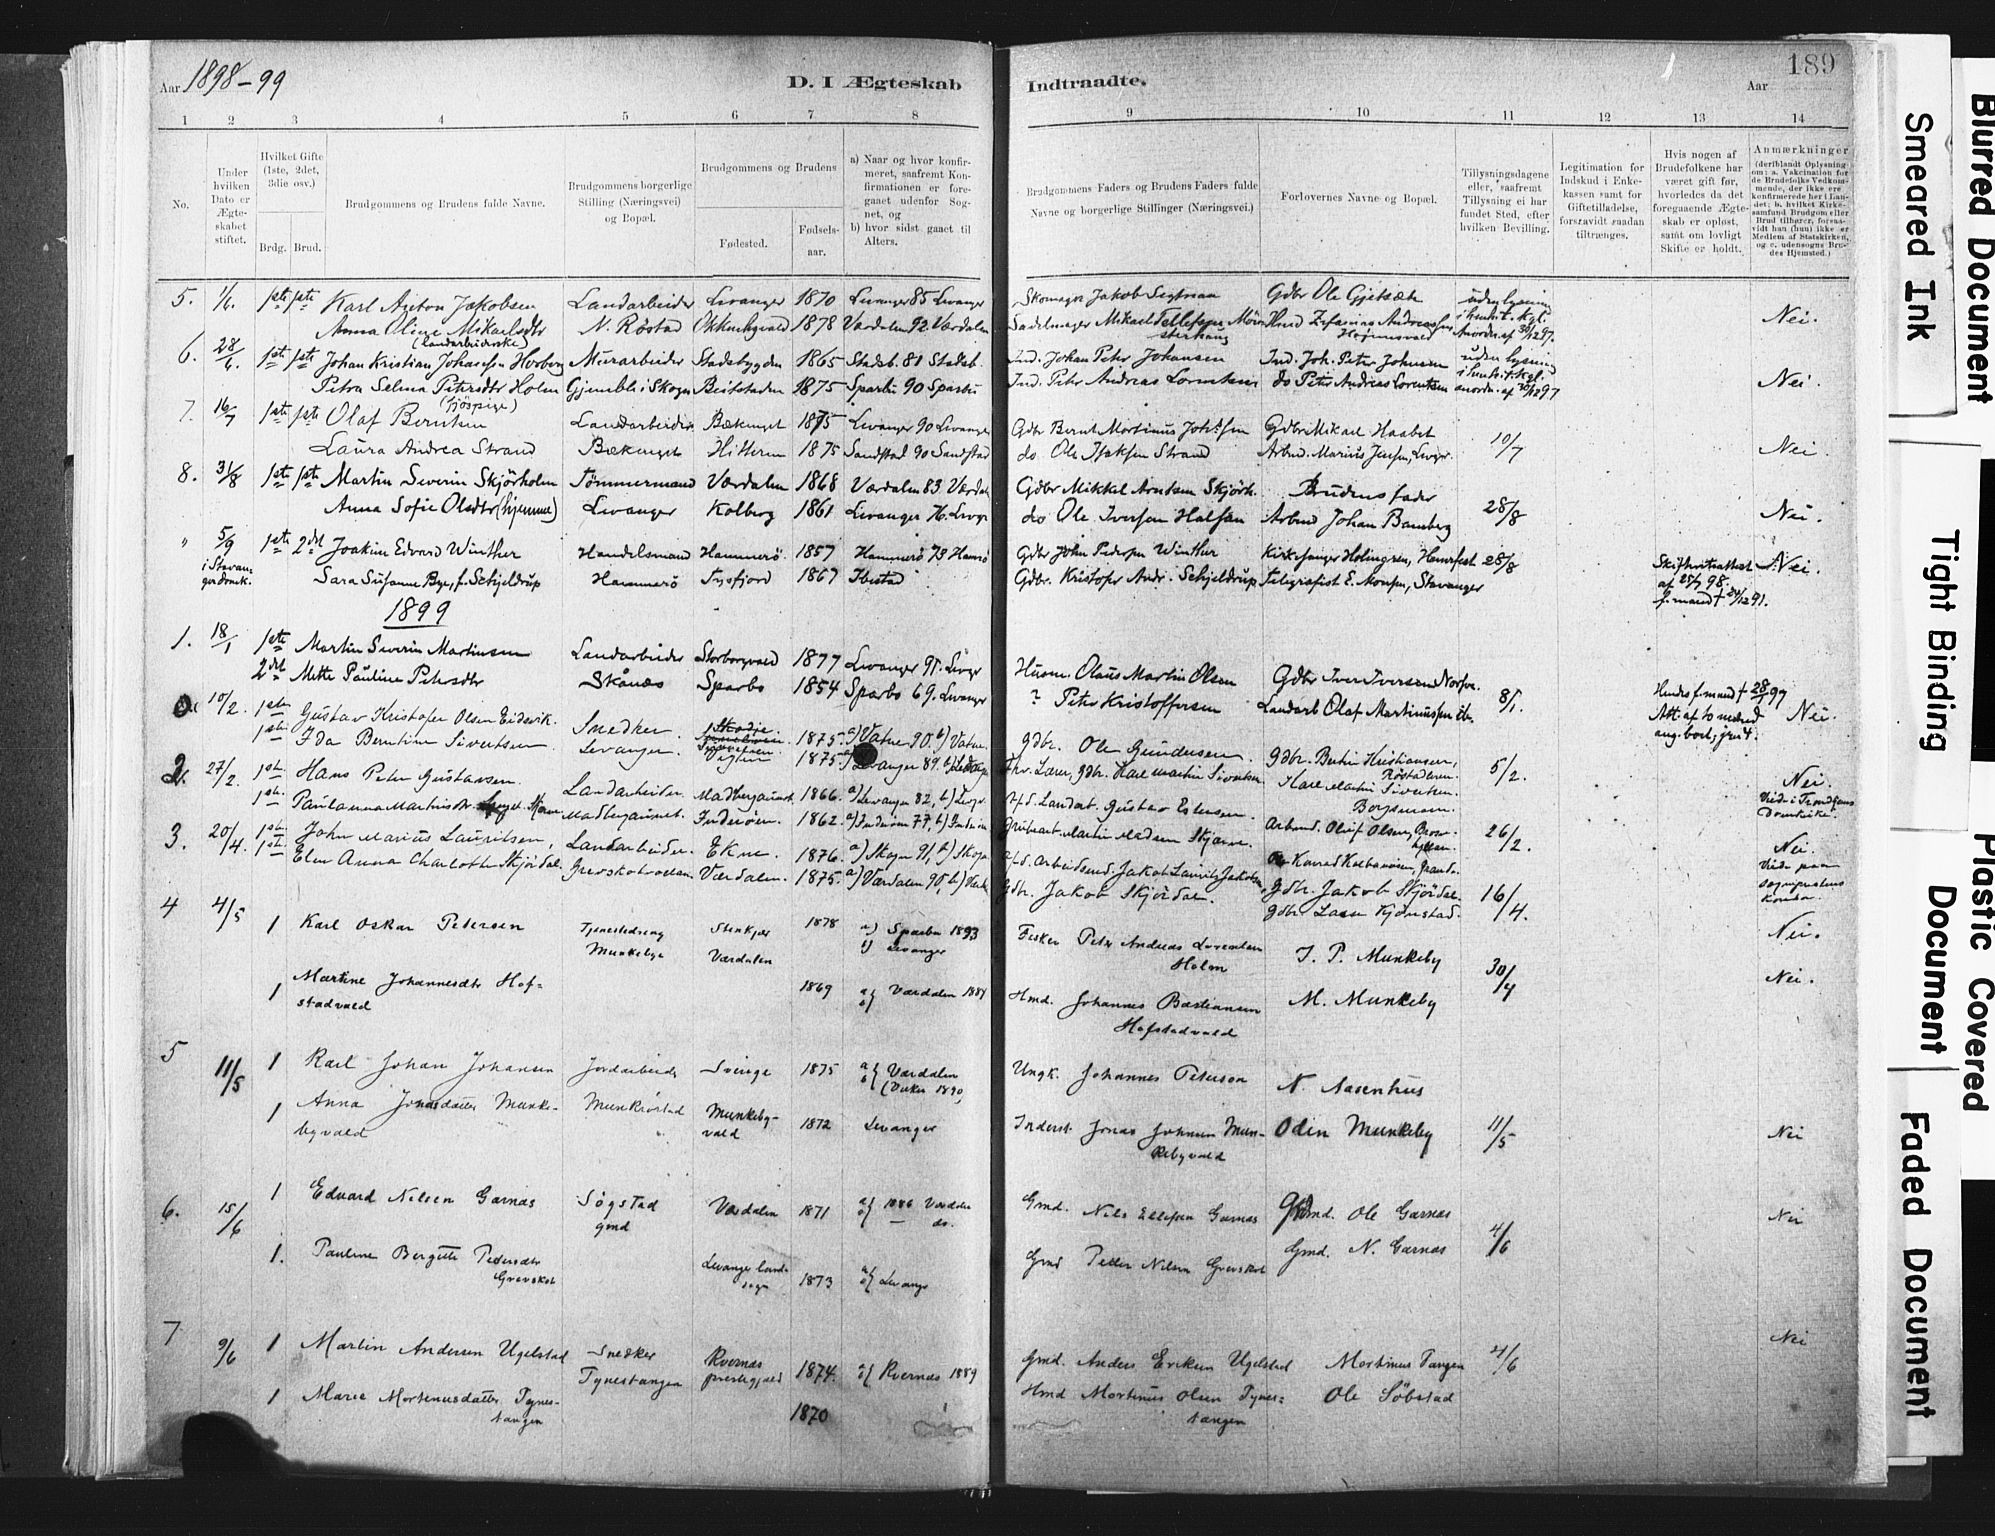 SAT, Ministerialprotokoller, klokkerbøker og fødselsregistre - Nord-Trøndelag, 721/L0207: Ministerialbok nr. 721A02, 1880-1911, s. 189